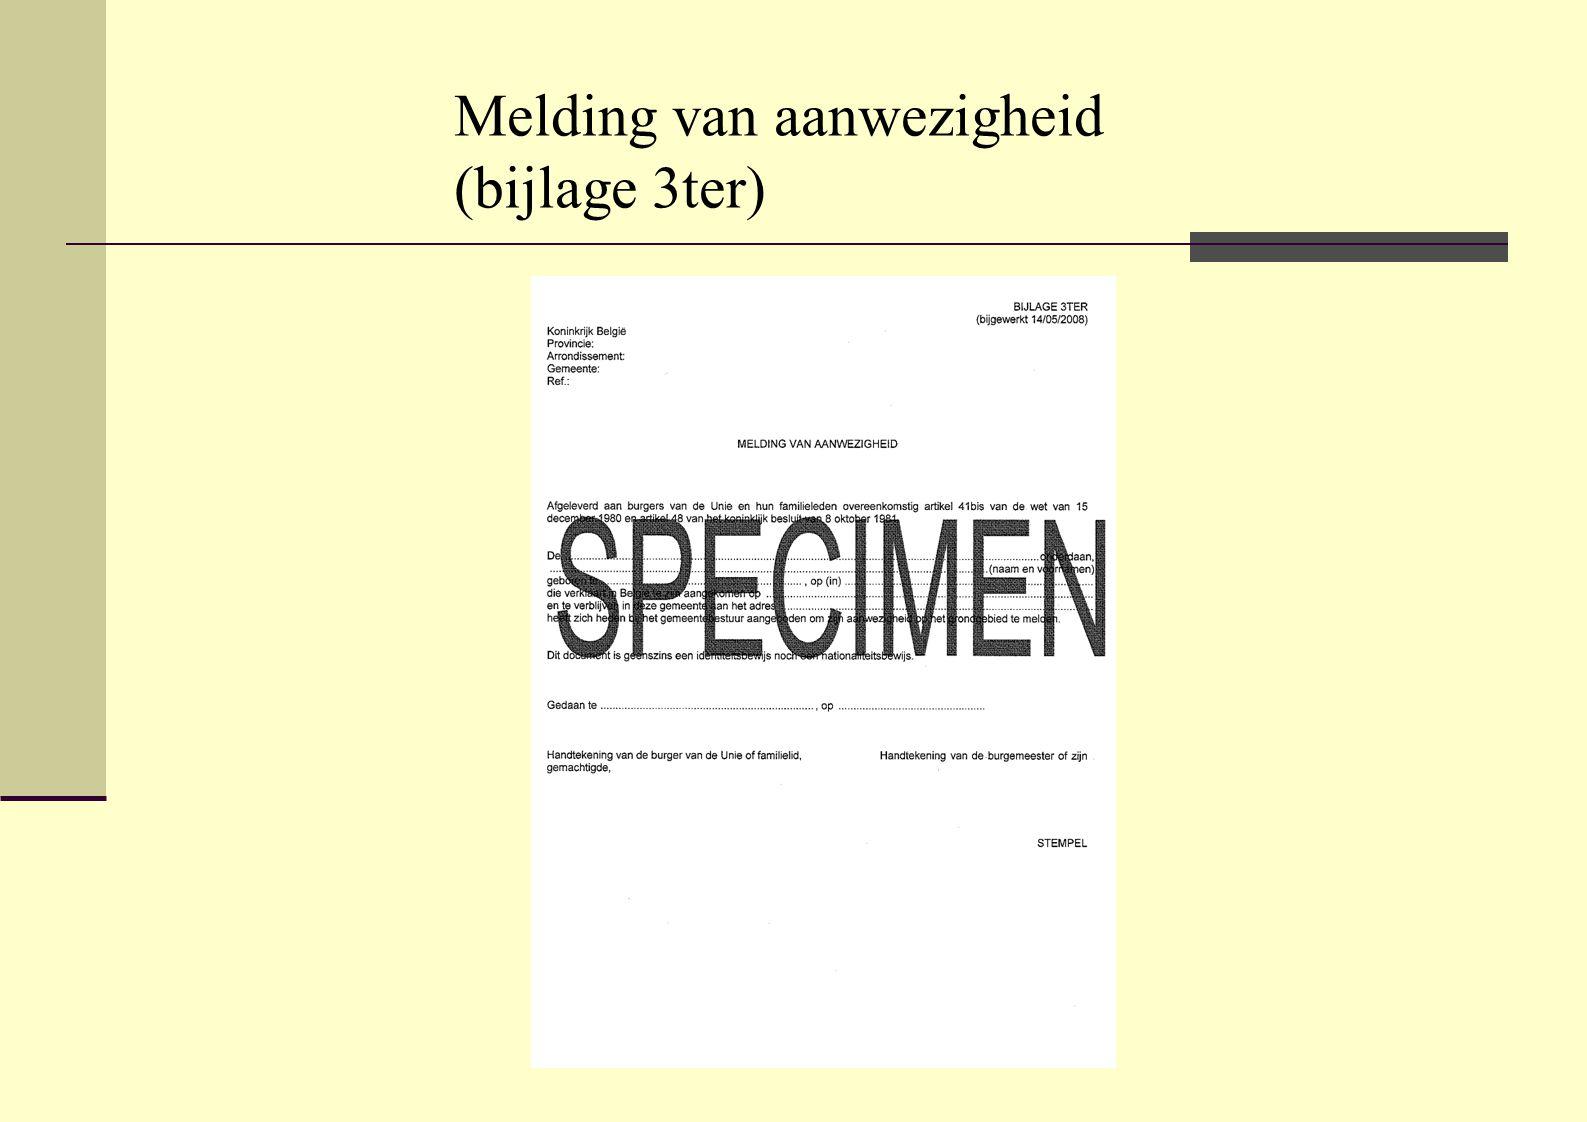 Unieburger die zich hier wil inschrijven  Inschrijving in het WR door de gemeente op voorlegging van identiteitskaart/paspoort en onmiddellijke afgifte bijlage 19  na positieve controle woonplaats inschrijving VR.